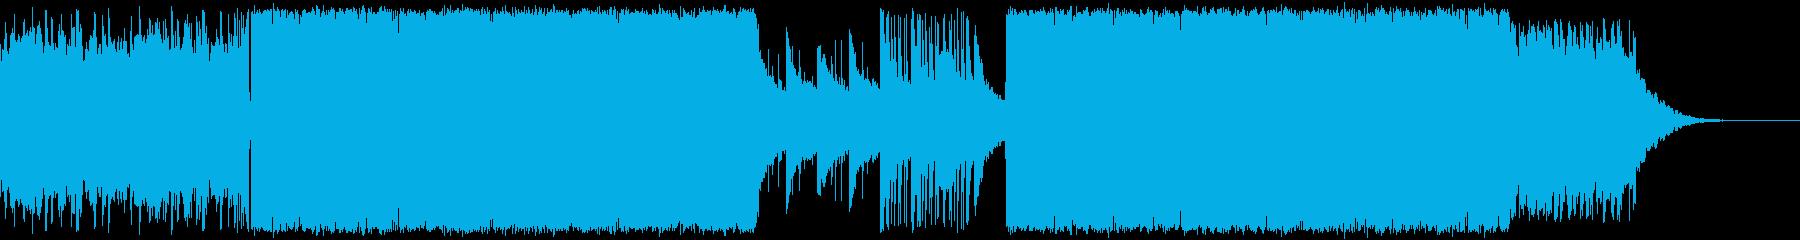 美しい旋律のドラムンベース、アートコアの再生済みの波形